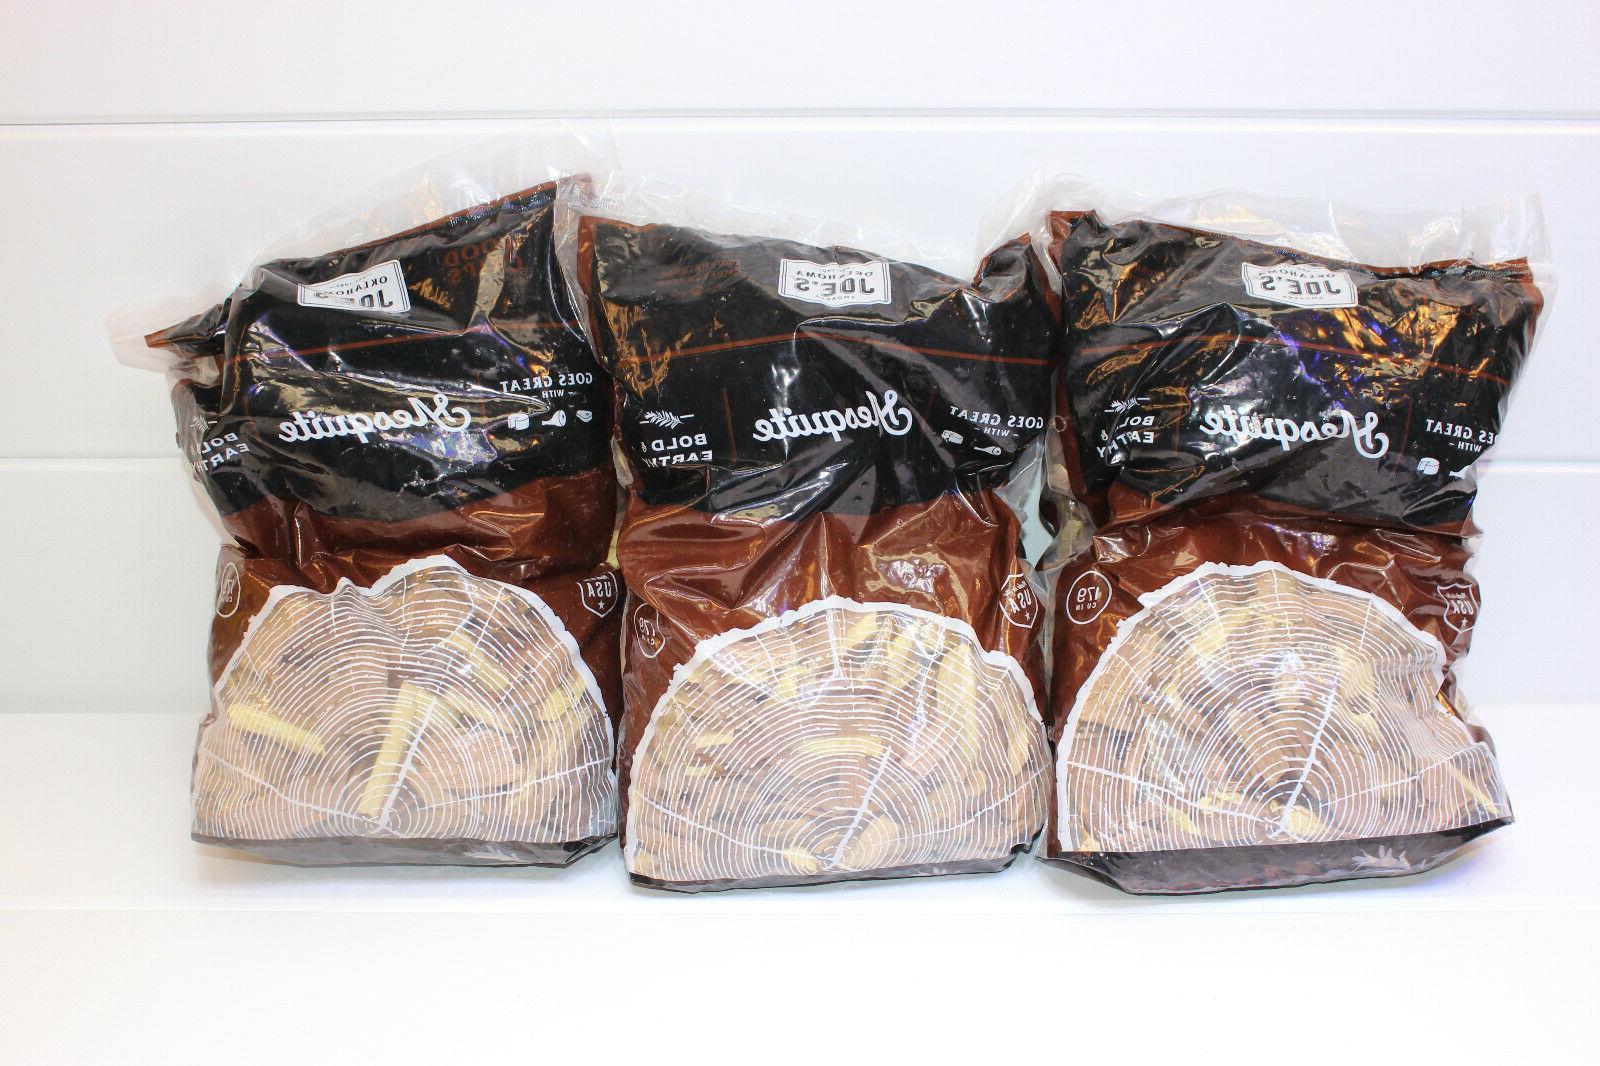 mesquite wood smoker chips